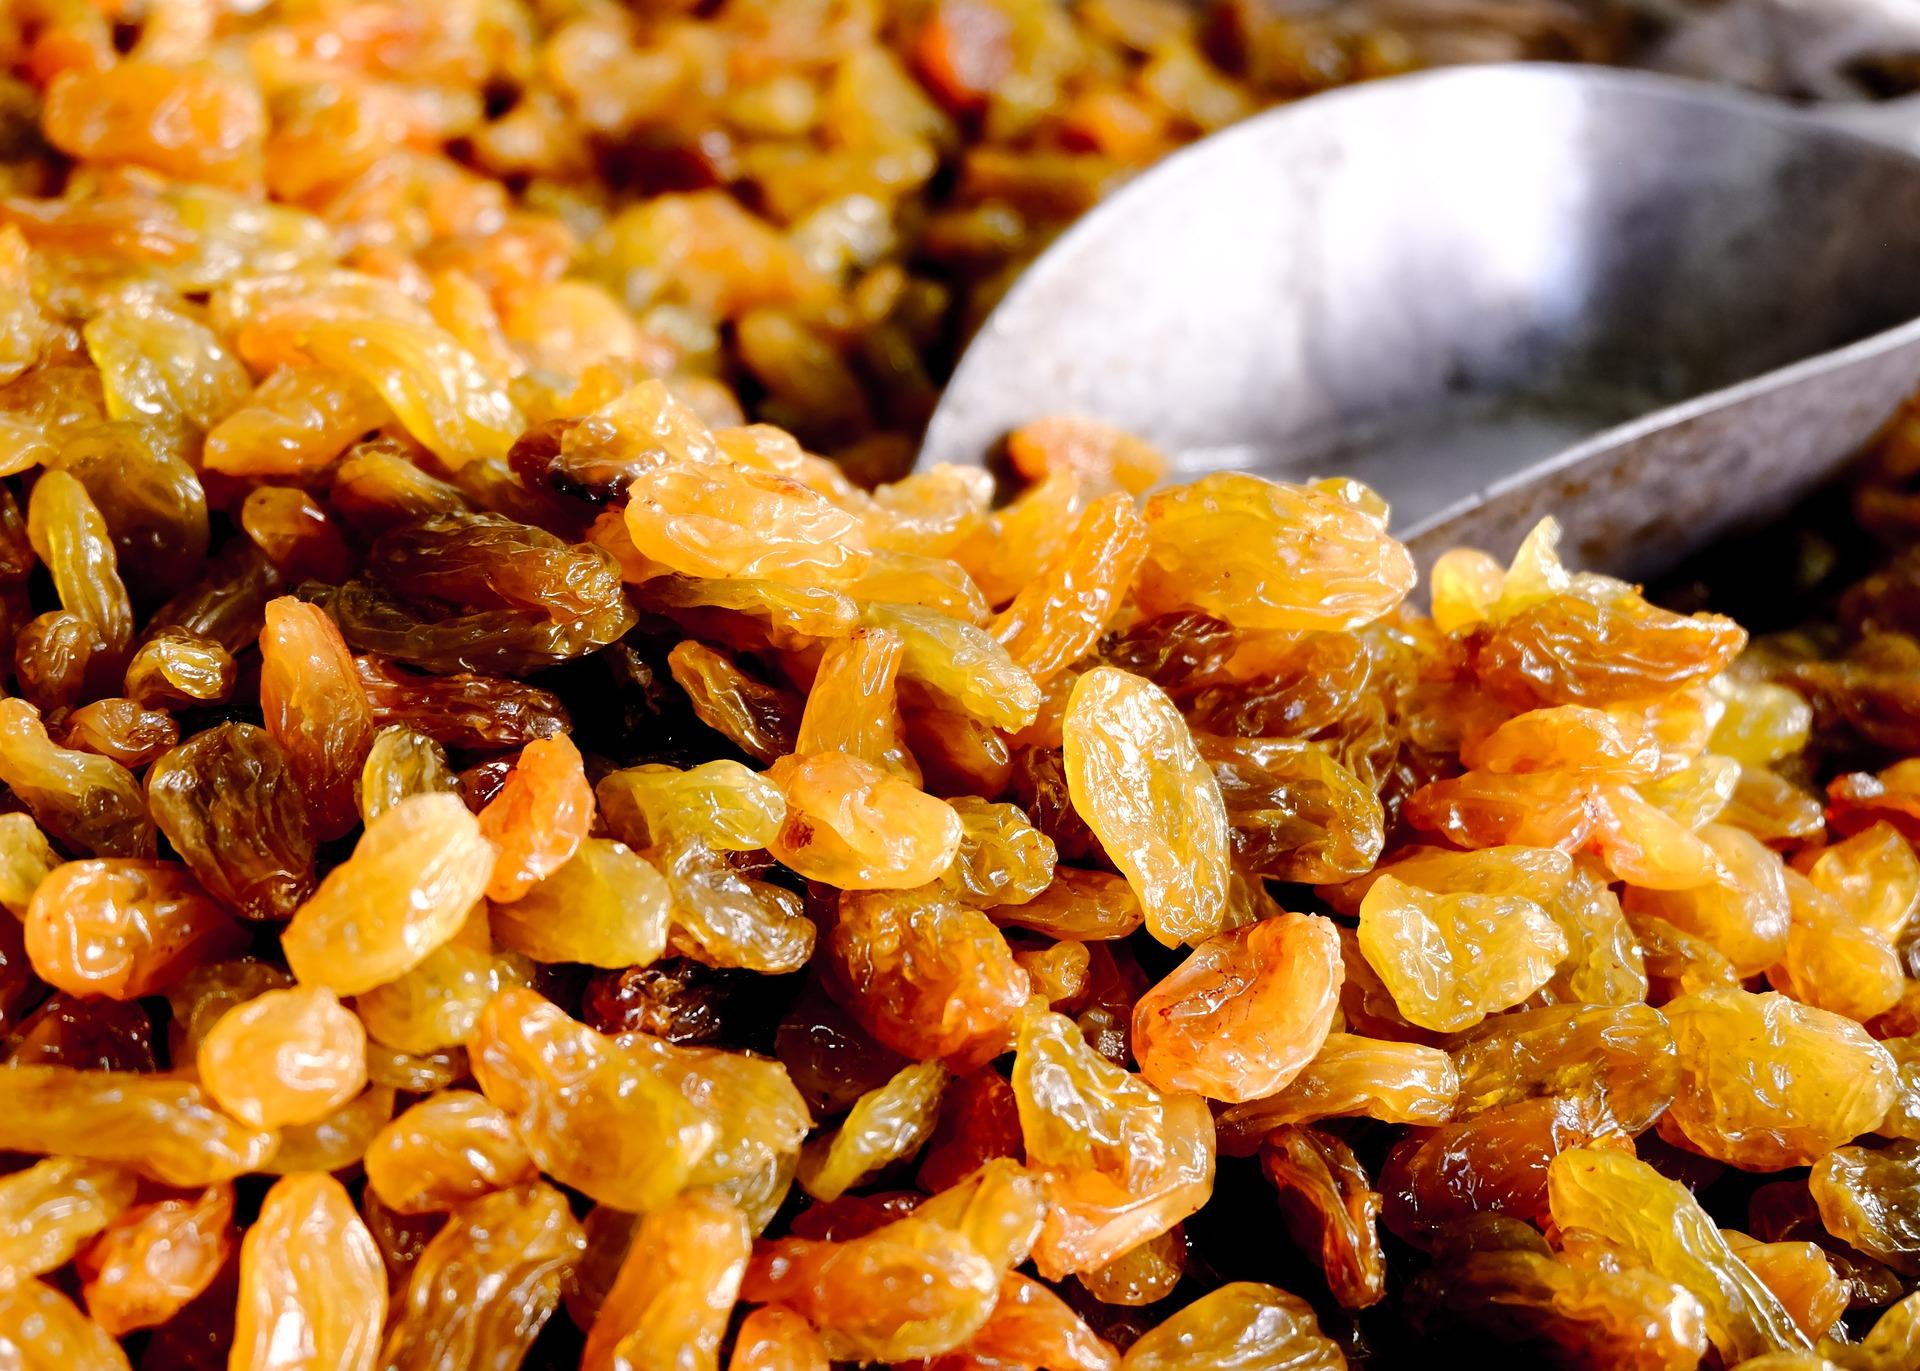 Consejos para mantener los alimentos en buen estado